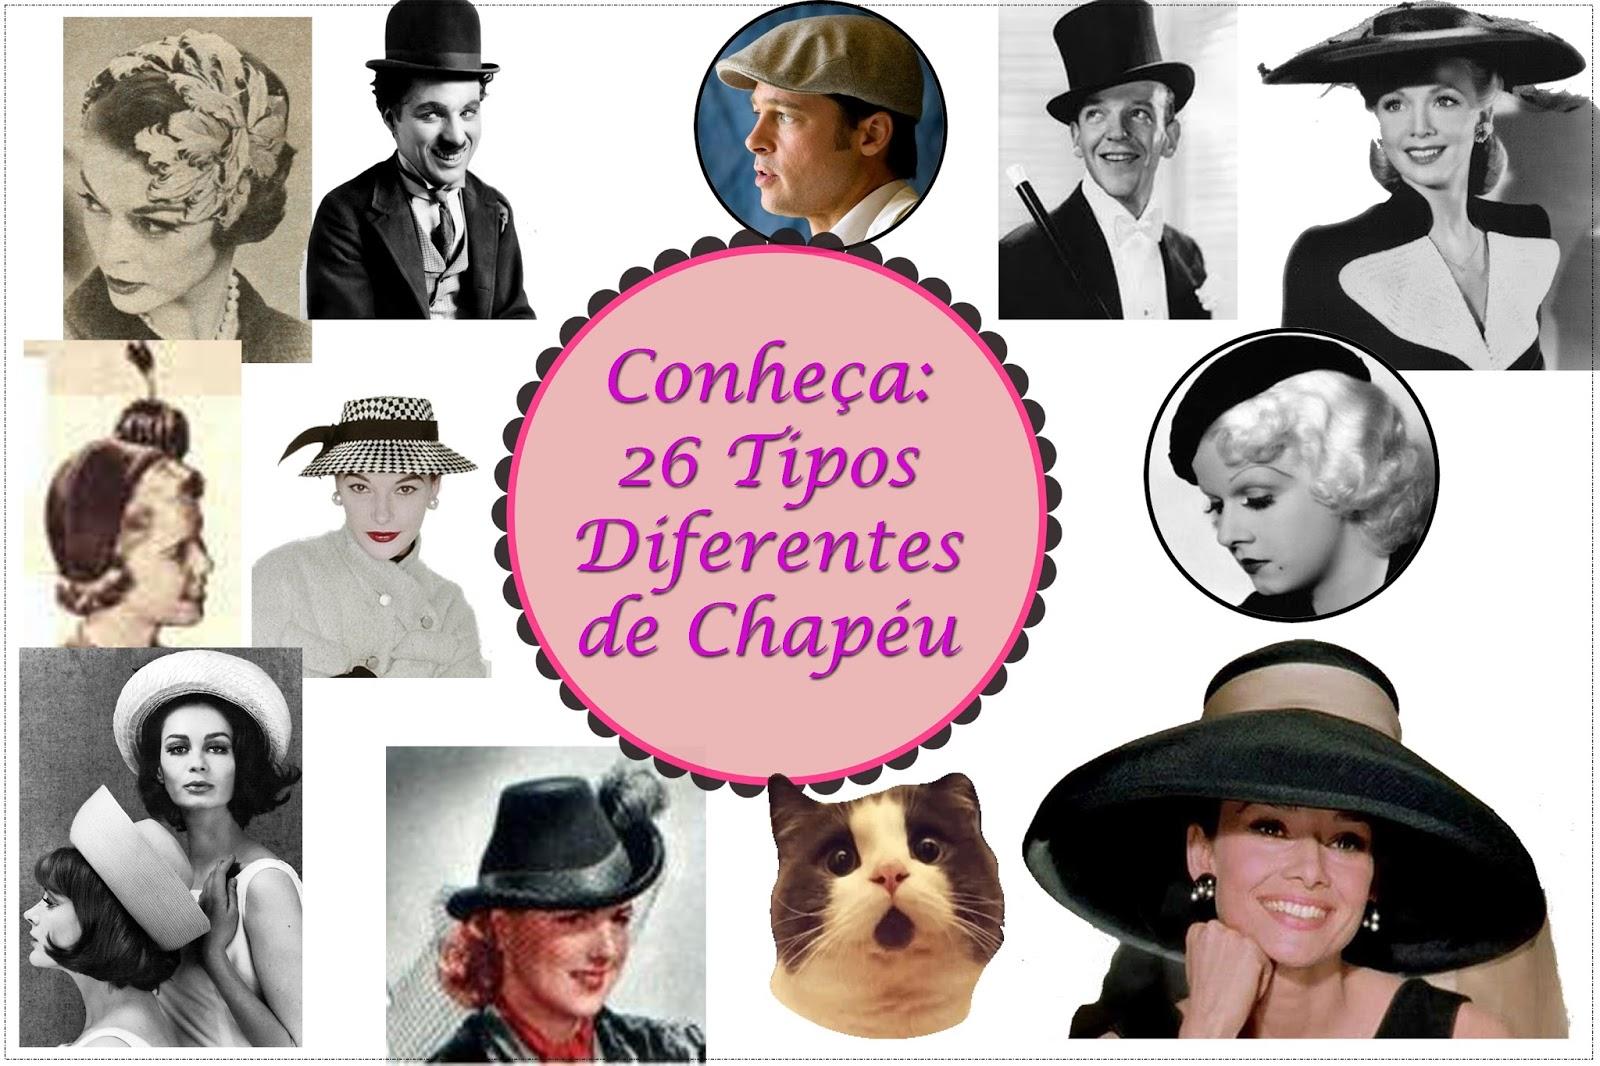 Você conhece os diferentes modelos de chapéus  Eu fiz uma seleção dos 26 modelos  mais conhecidos. Confira! 83a9f5d5a0c